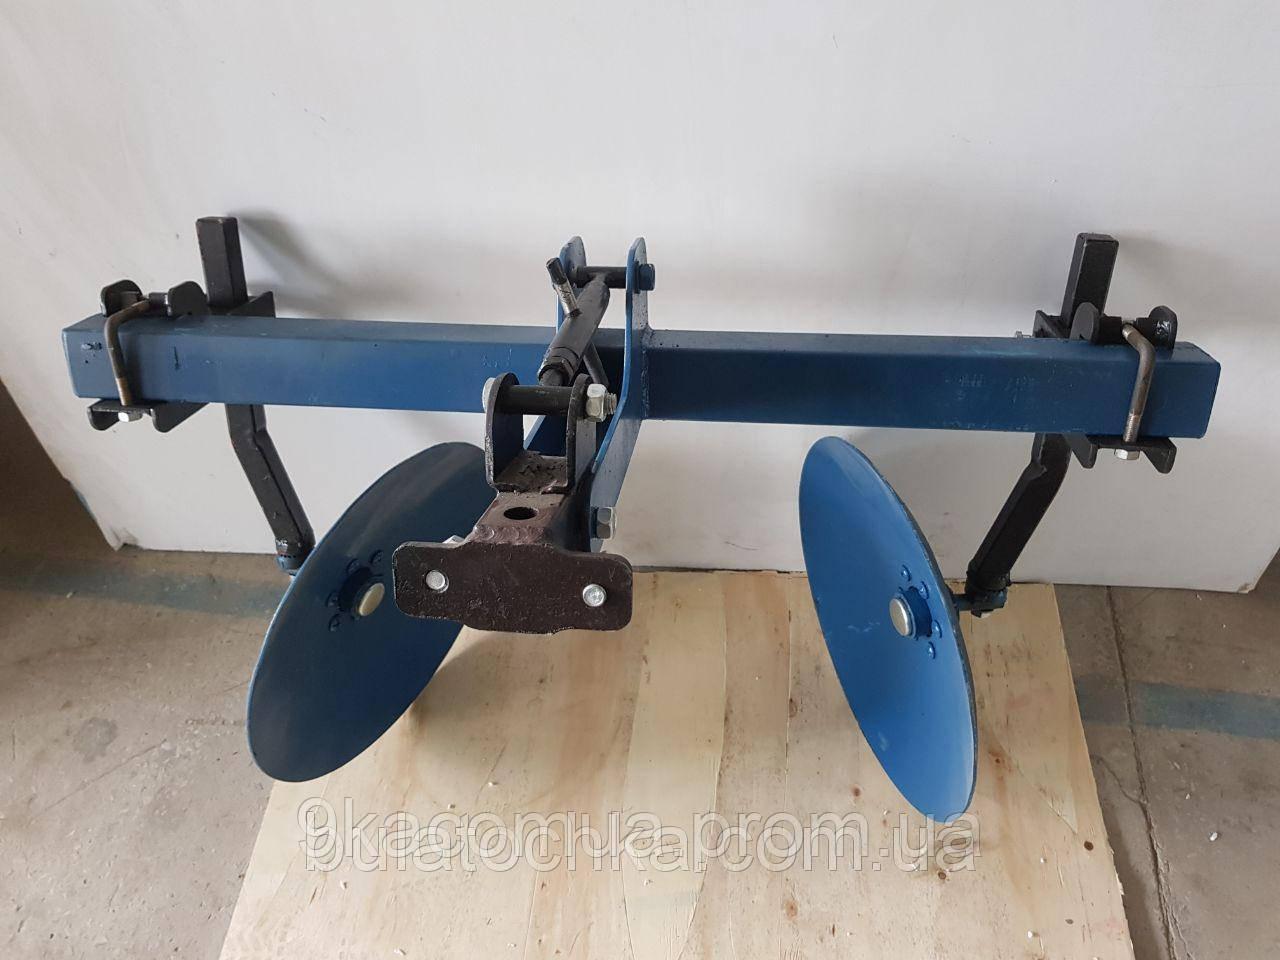 Окучник дисковый agromarka luxe на двойной сцепке с усиленными стойками (ф дисков 420мм)  Агромарка